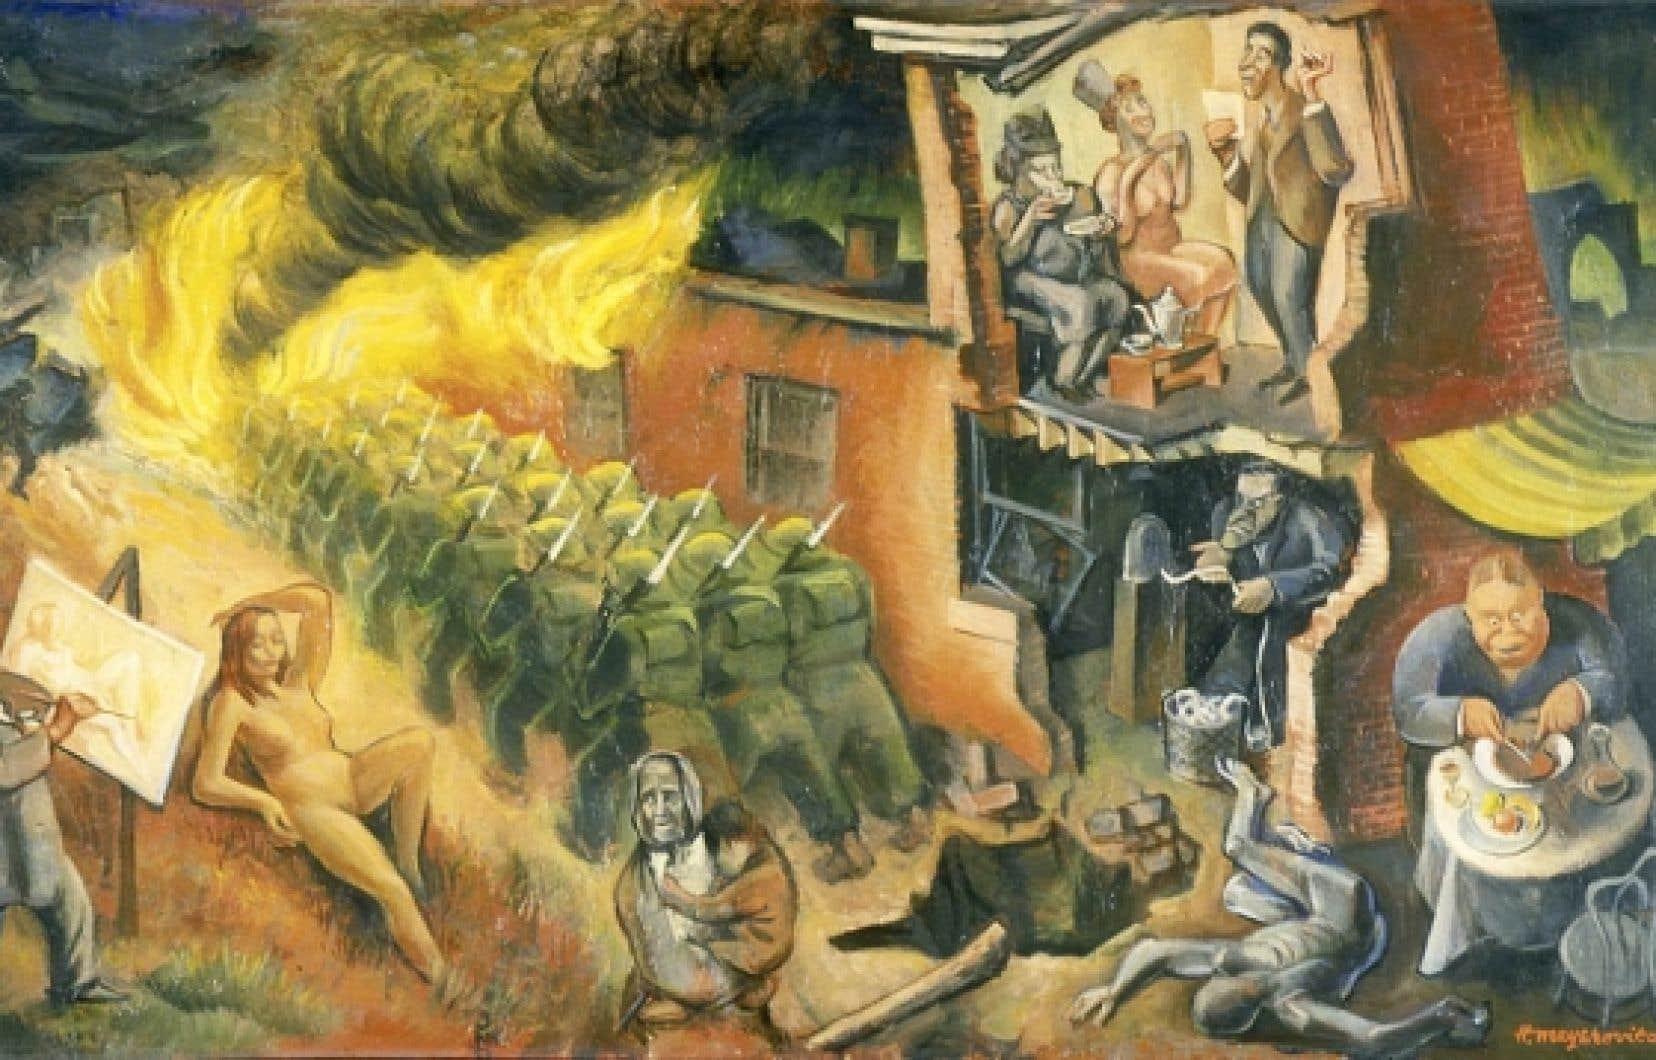 Front intérieur – Home Front, de Harry Mayerovitch (1940, huile sur panneau de fibre de bois).